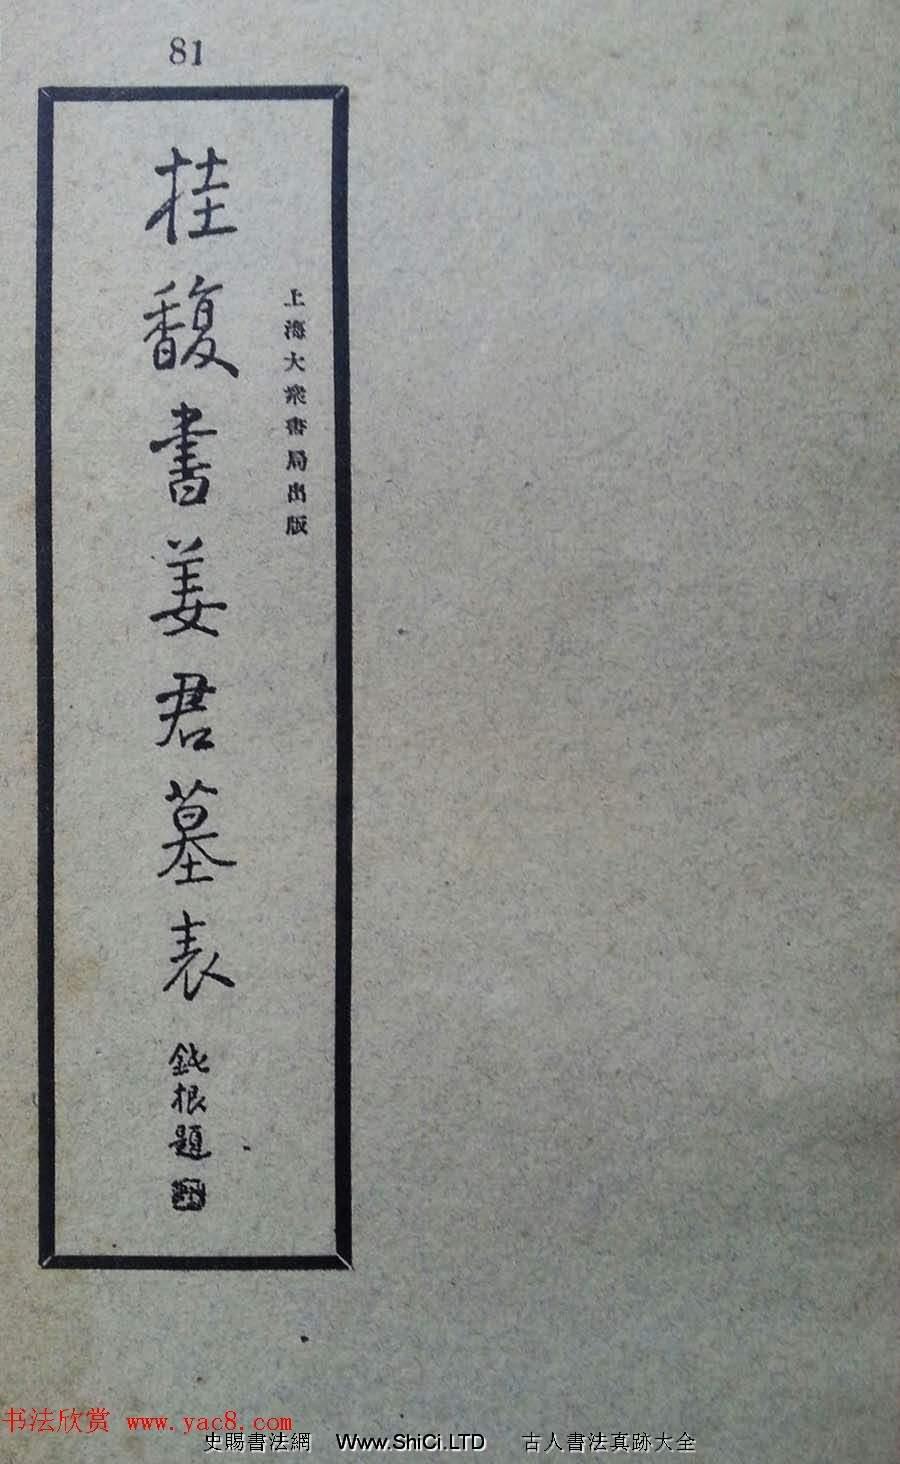 隸書拓本真跡欣賞《桂馥書姜君墓表》(共15張圖片)